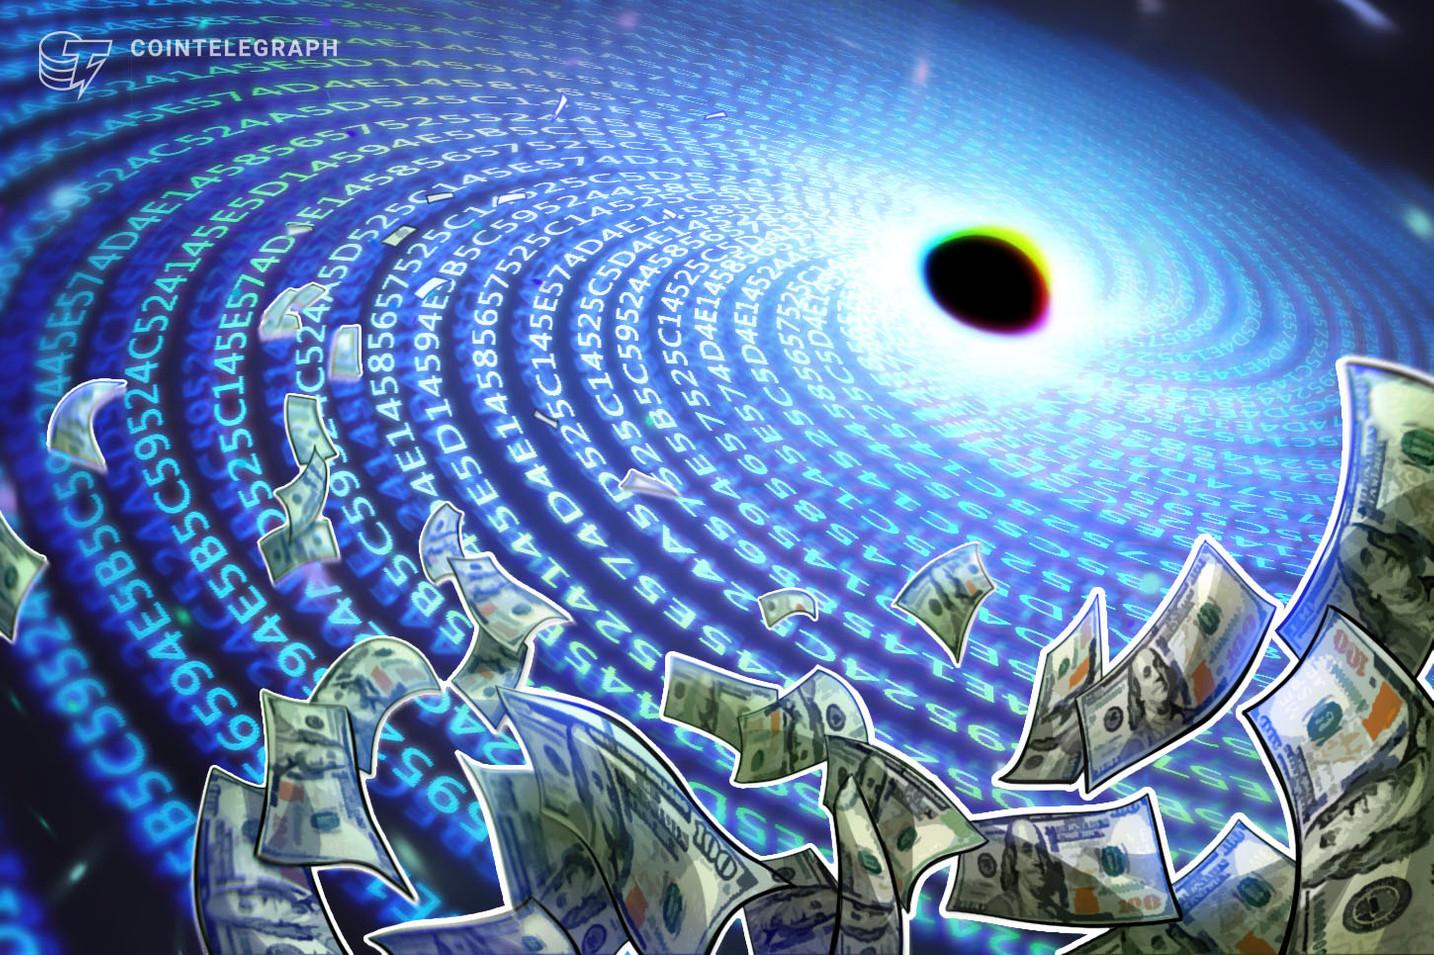 Bitfinex pagó una gigantesca comisión de USD 23 millones para mover 100,000 USDT